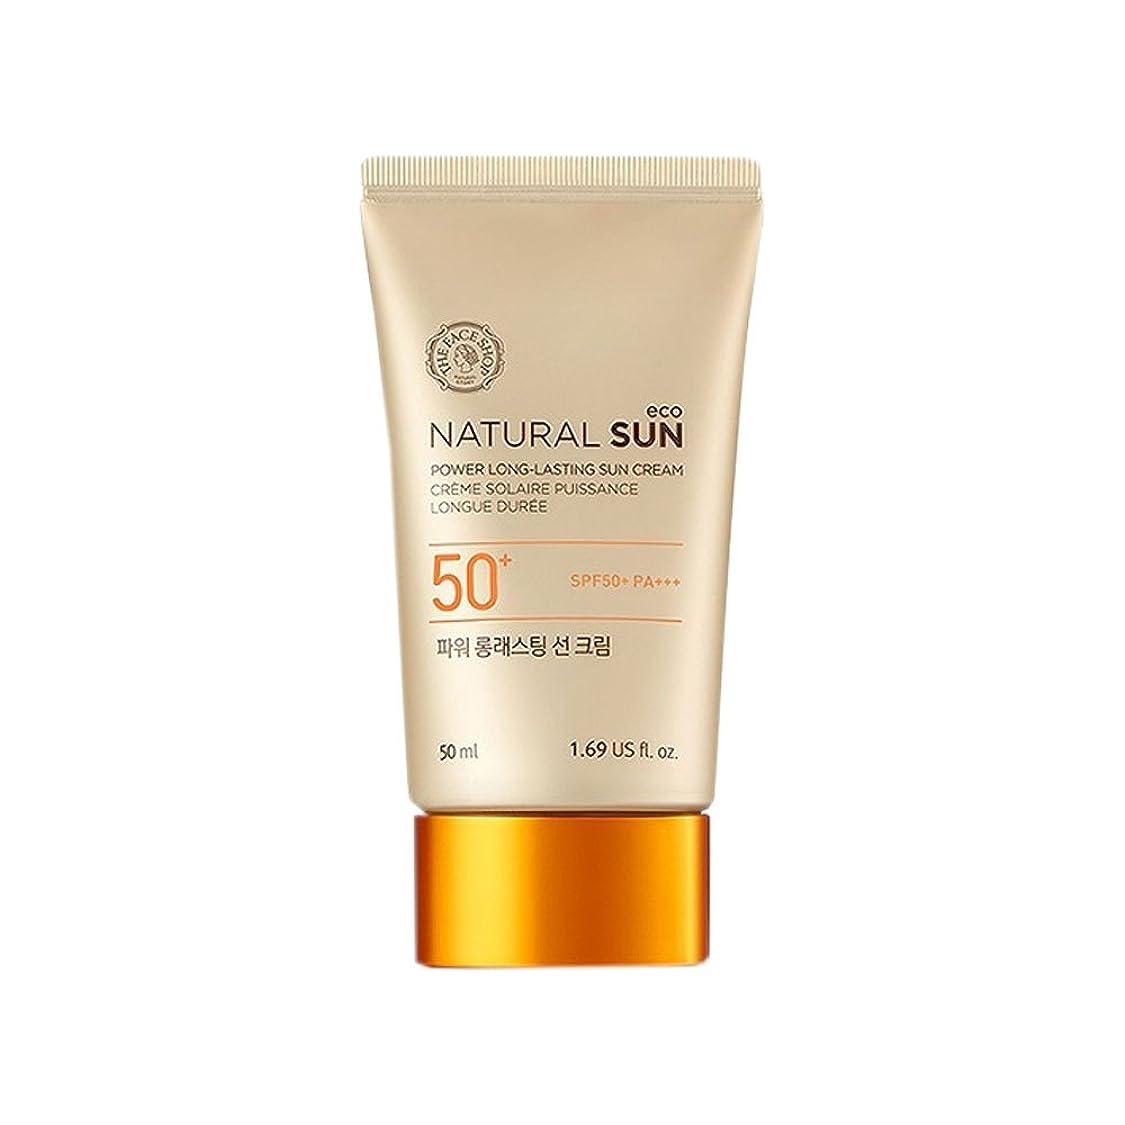 状況王位爆発する[ザ?フェイスショップ] The Face Shop ナチュラルサン エコ パワー ロングラスティング サン クリーム SPF50+PA+++50ml The Face Shop Natural Sun Eco Power Long-Lasting Sun SPF50+PA+++50ml [海外直送品]